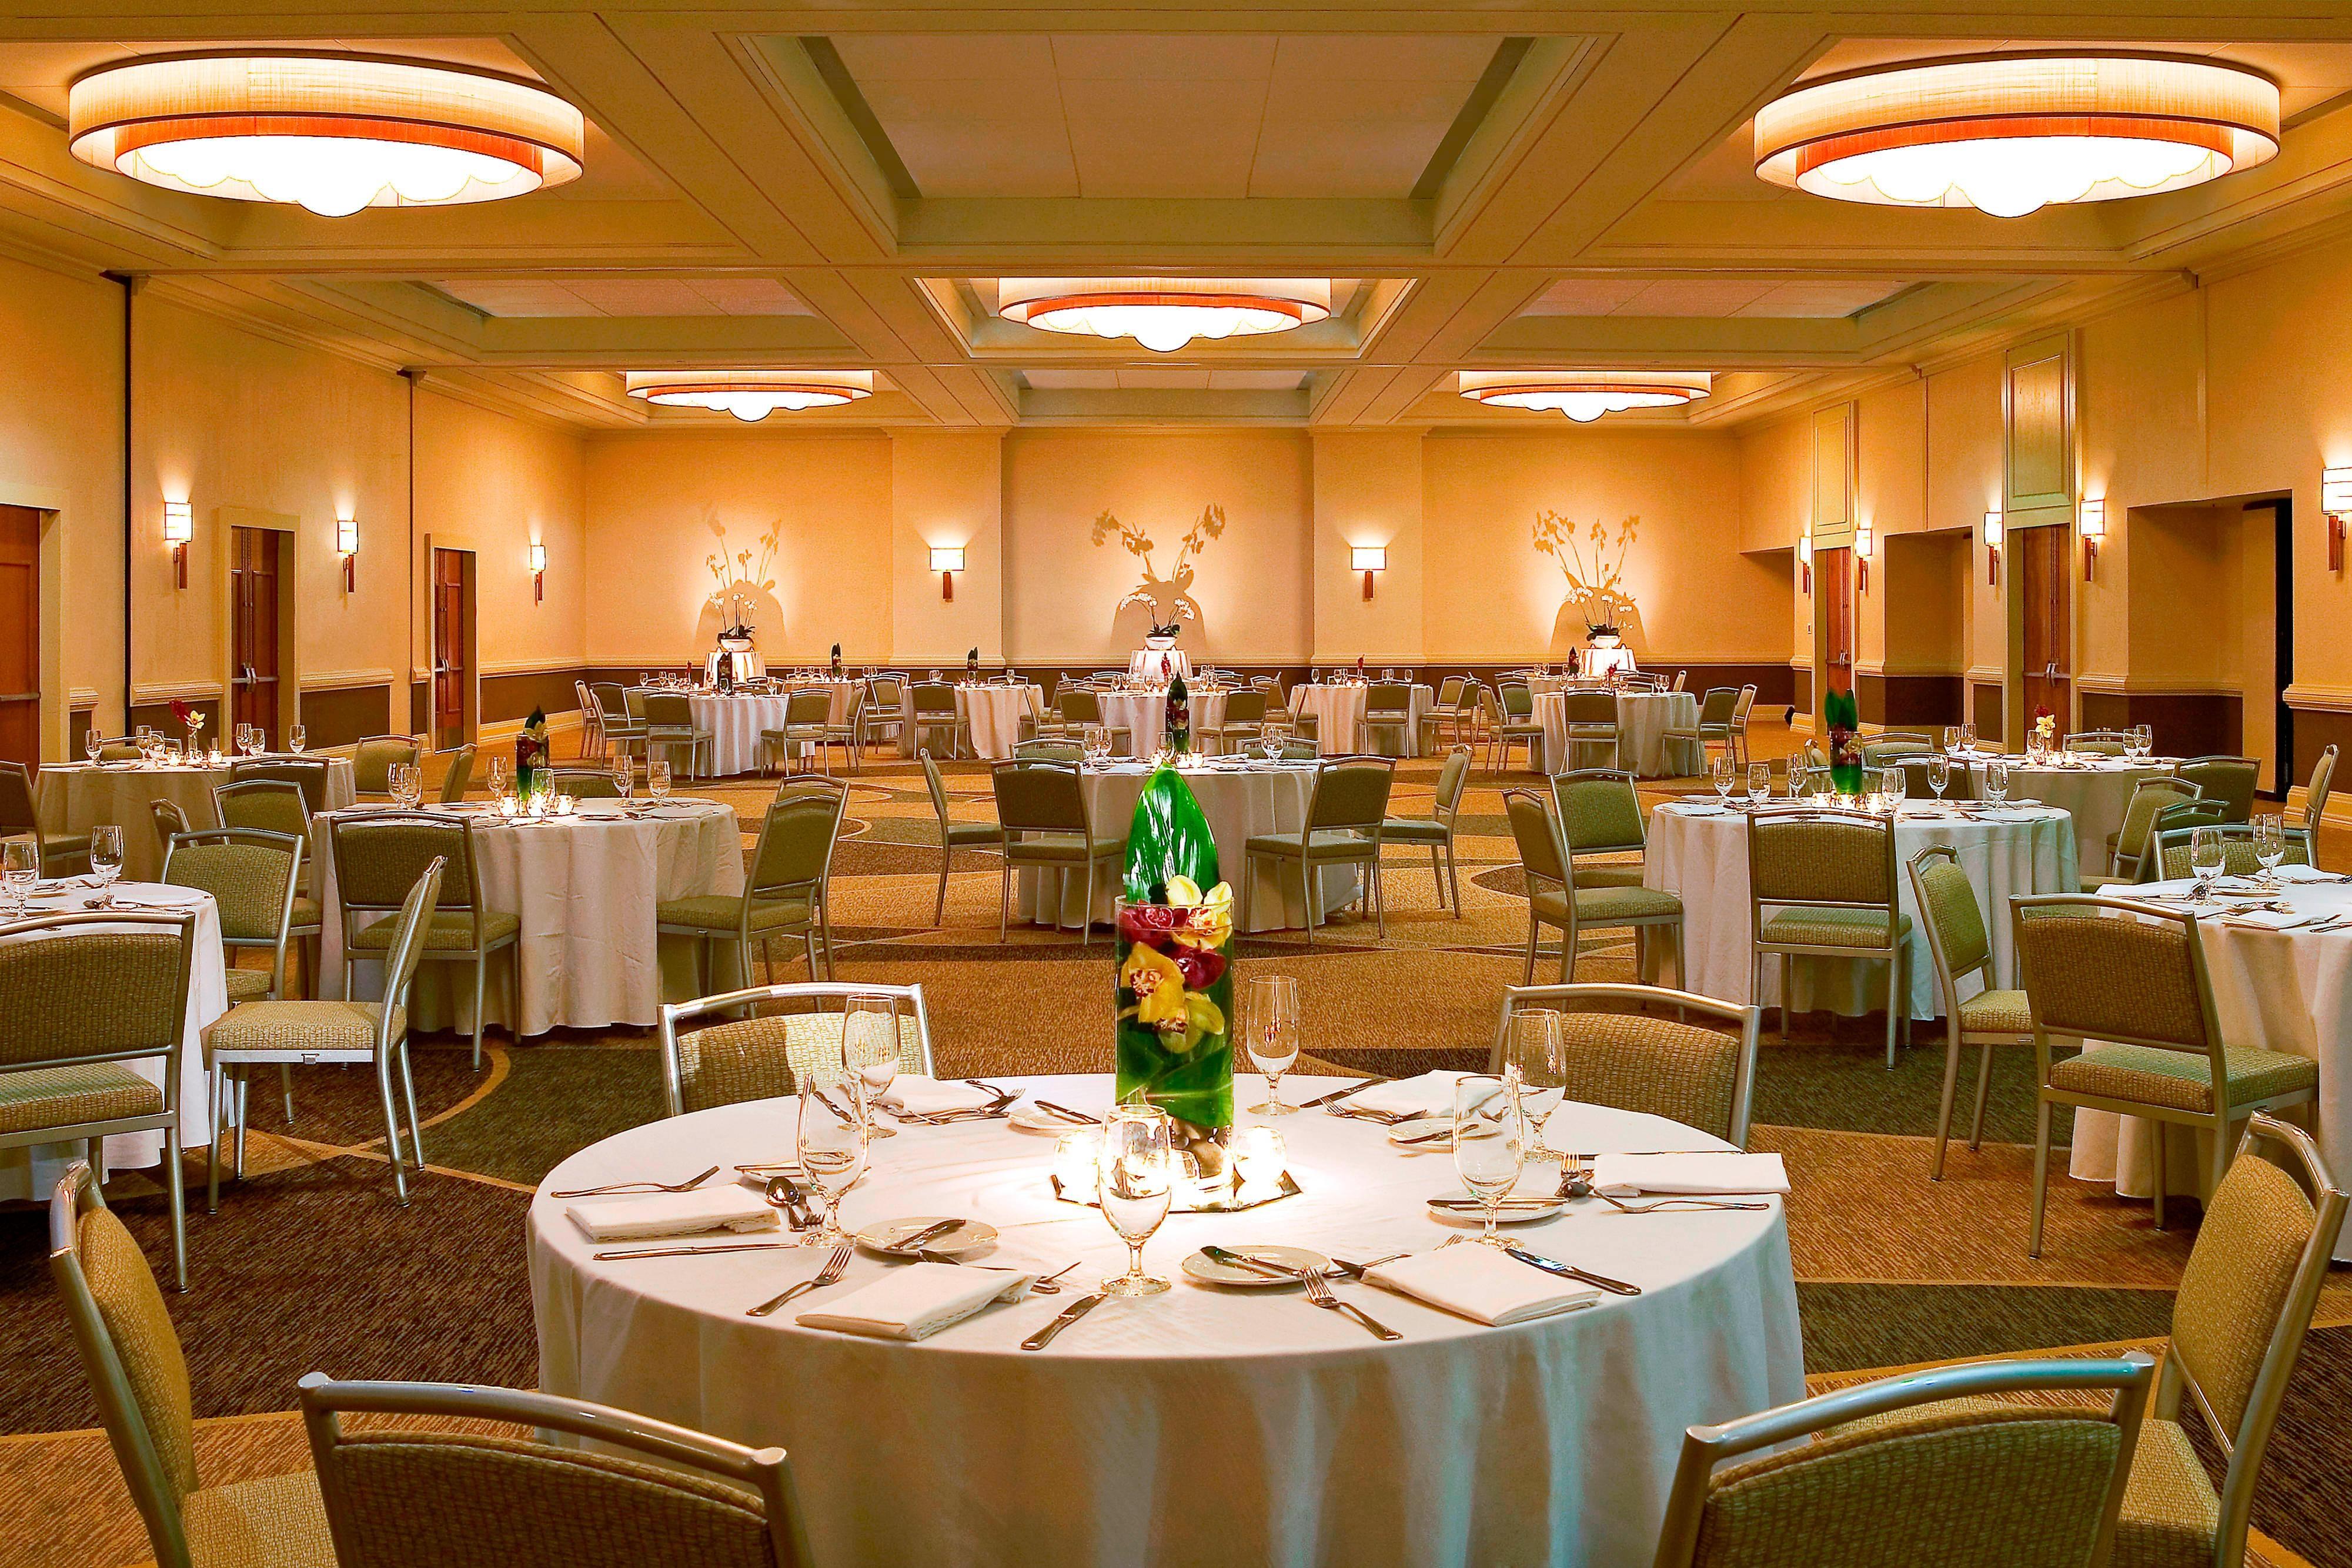 Grand Ballroom - Banquet